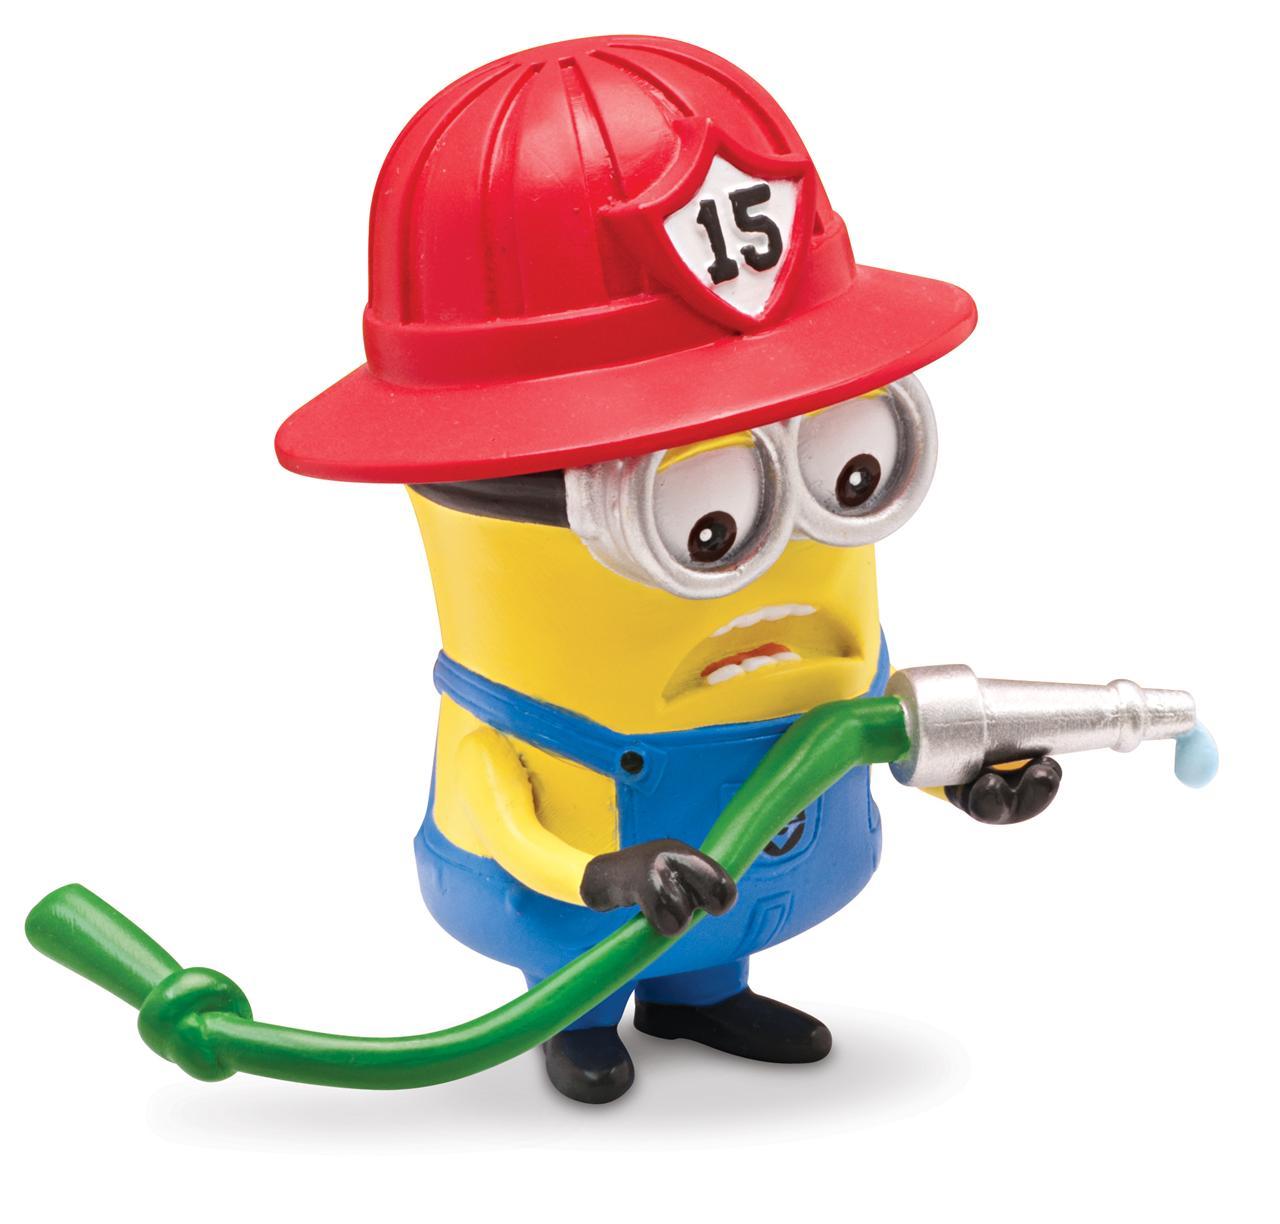 Despicable Me 2 Minion Fireman 2 Action   Walmartcom